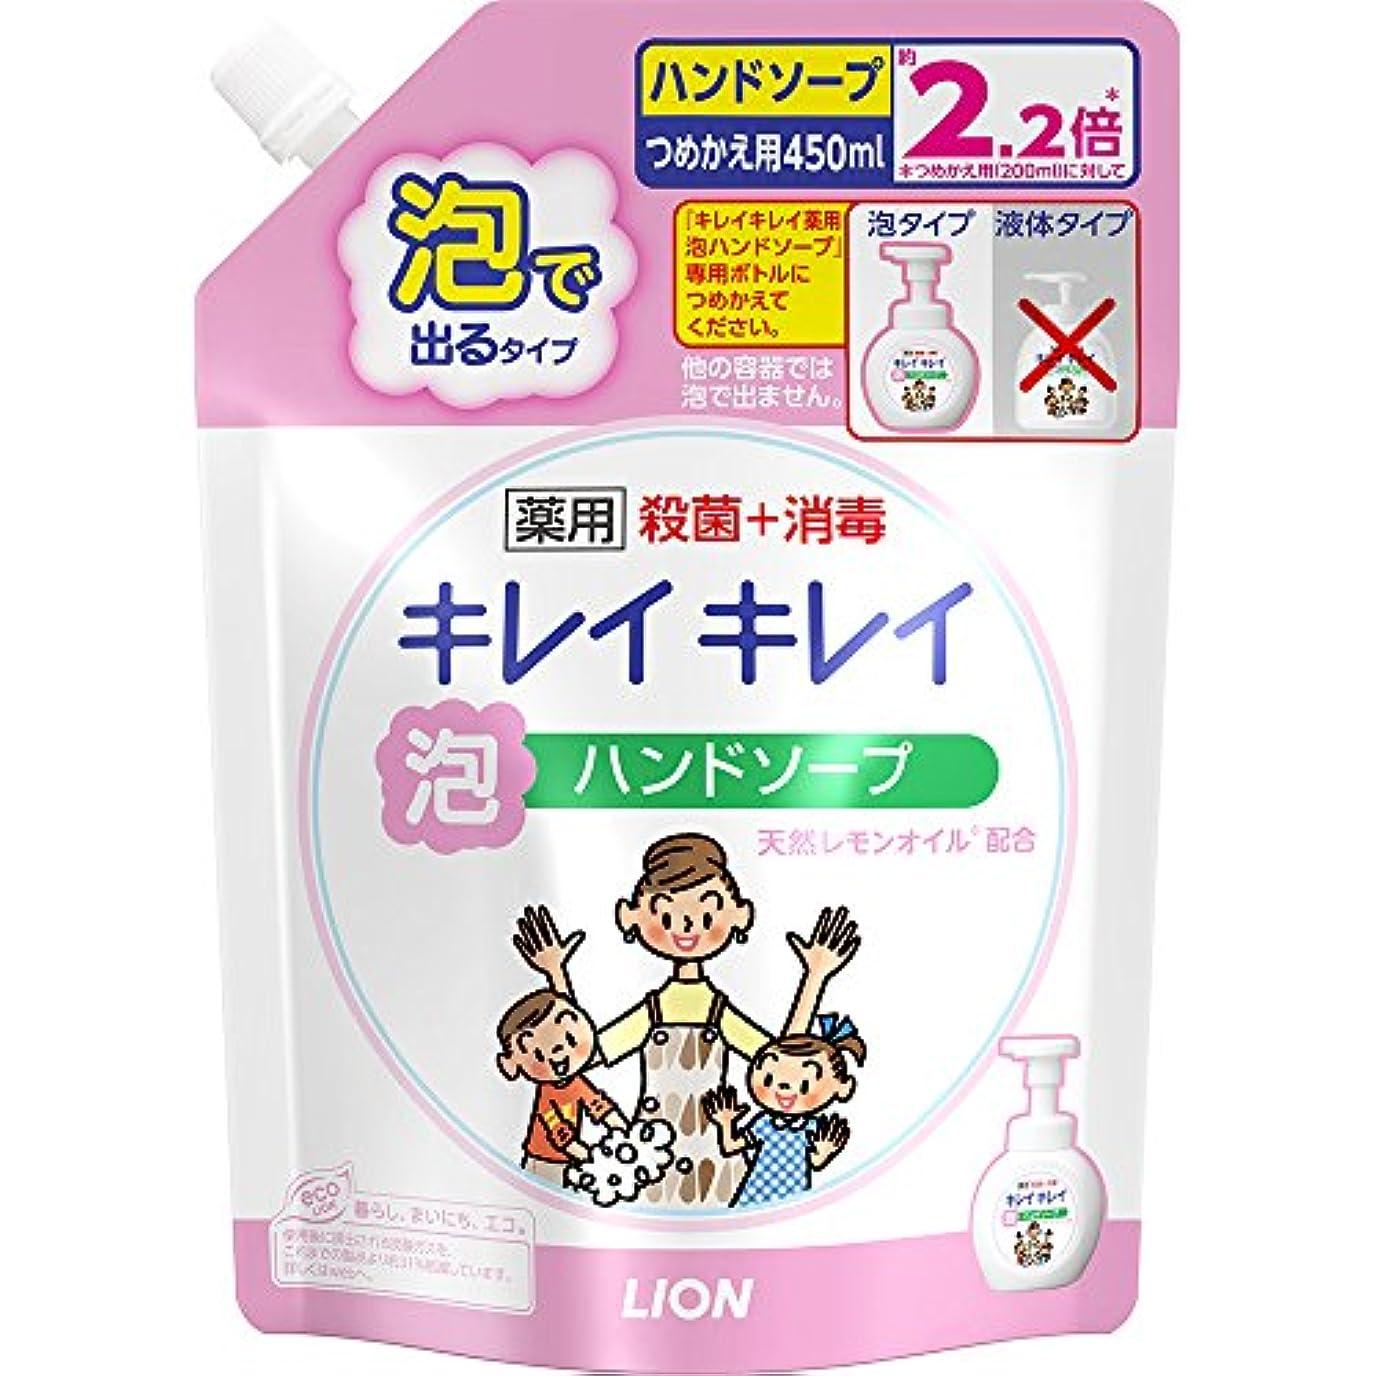 実験をする良さピボットキレイキレイ 薬用 泡ハンドソープ シトラスフルーティの香り 詰め替え 450ml(医薬部外品)